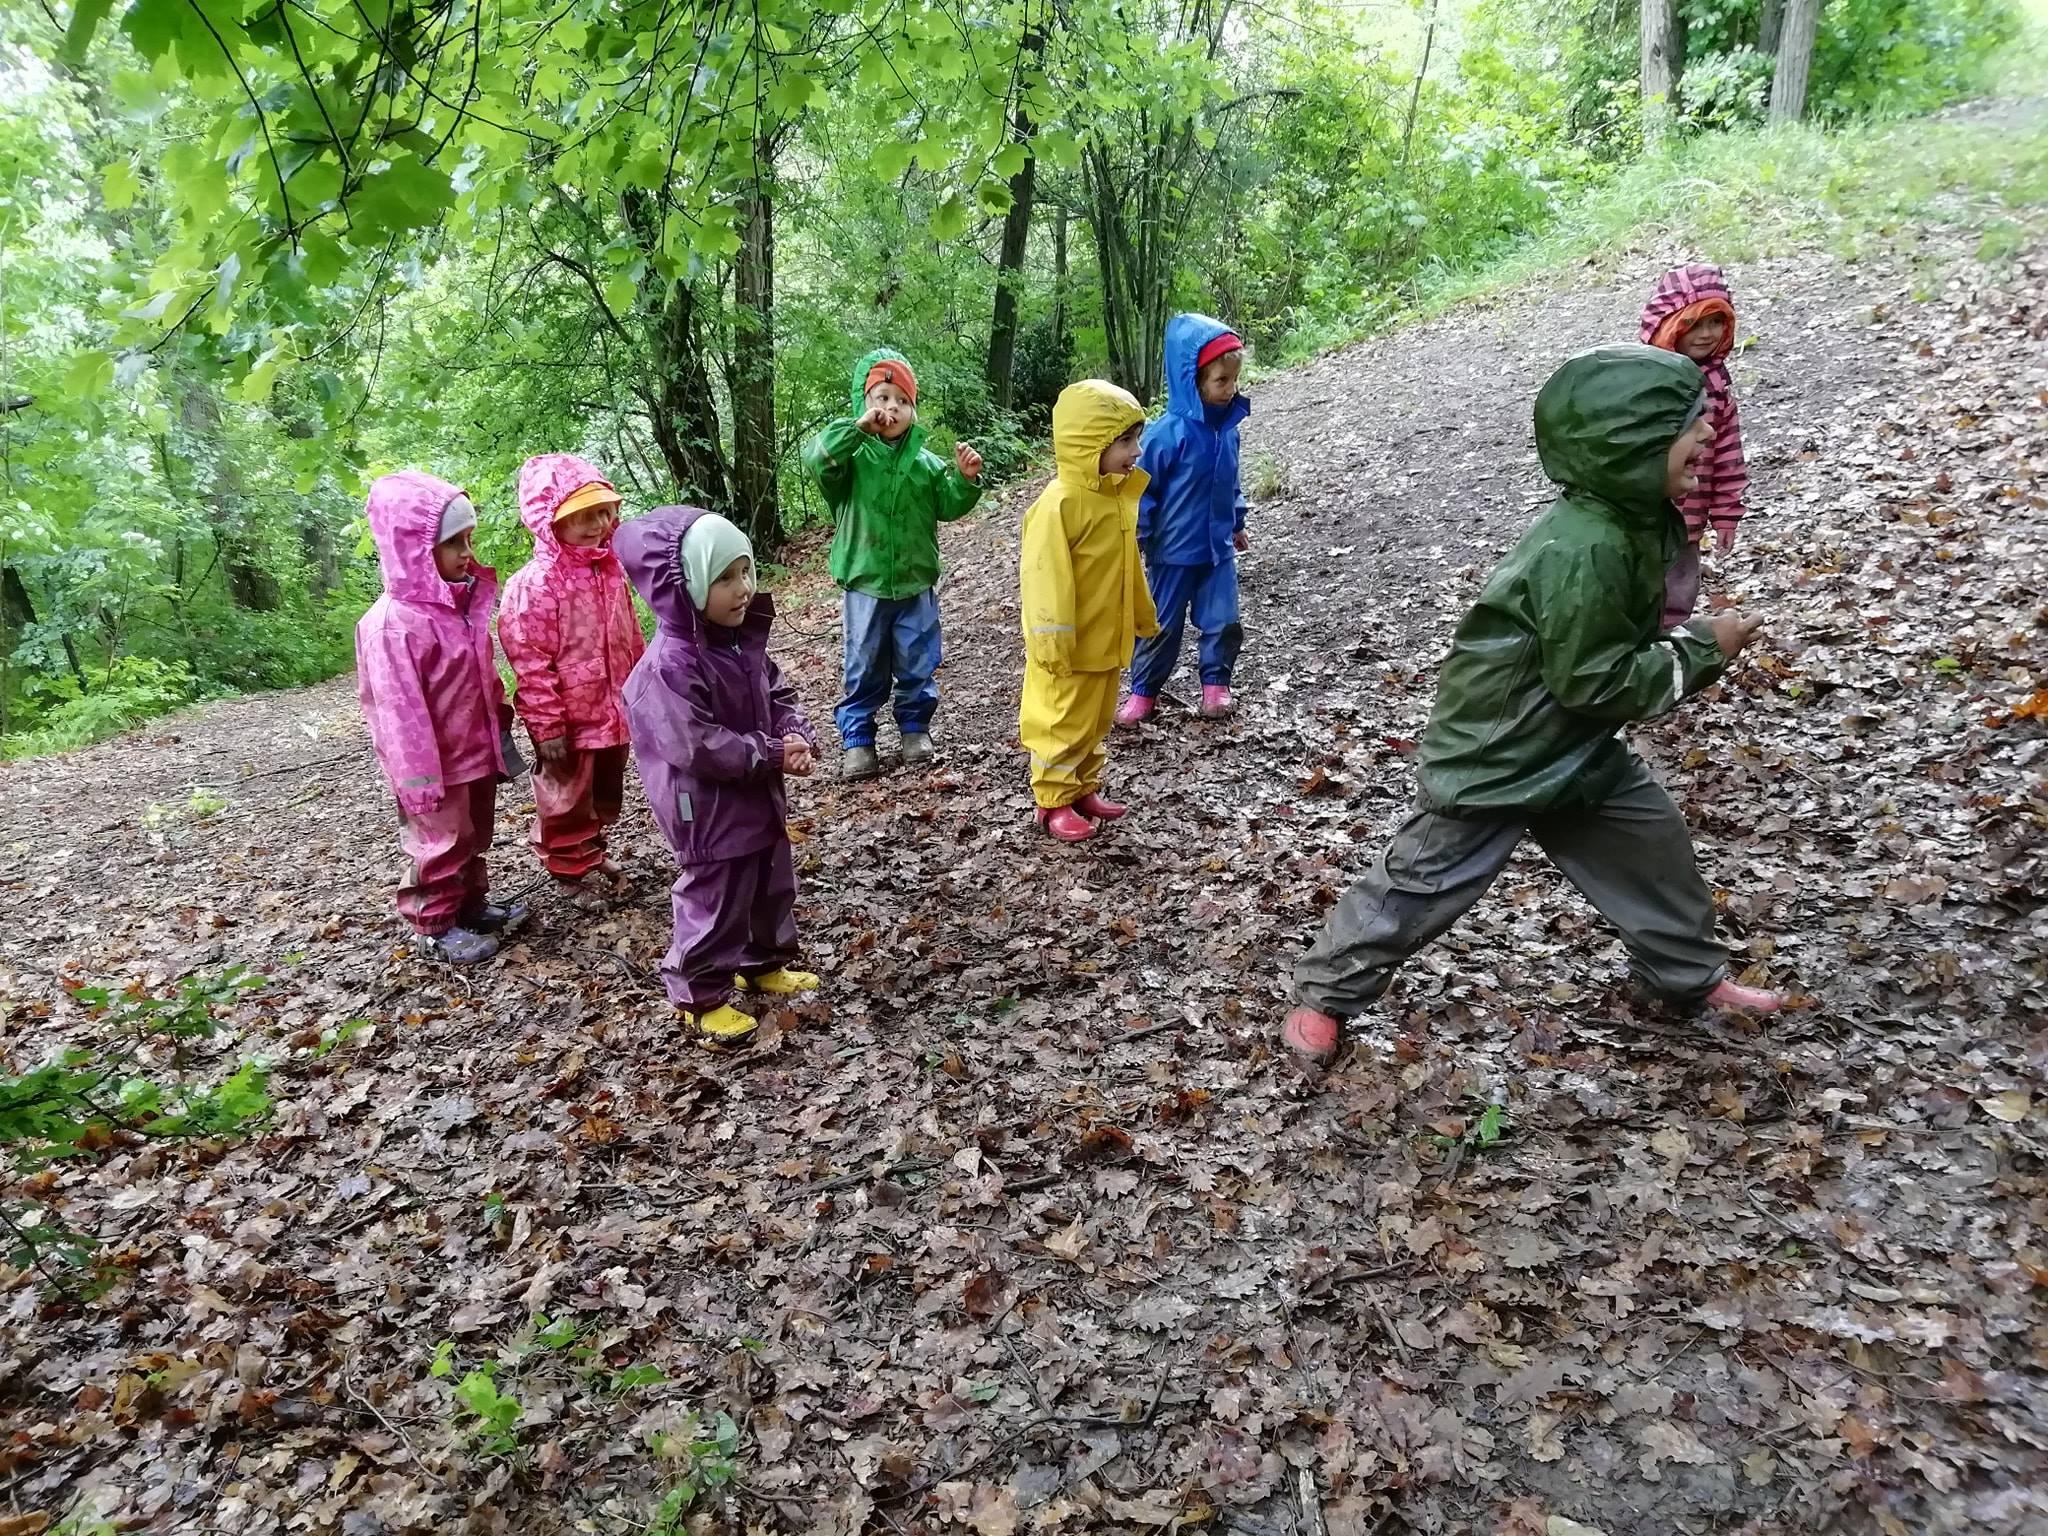 L'asilo nel bosco: a Pianoro i bambini imparano giocando all'aria aperta - il Digitale